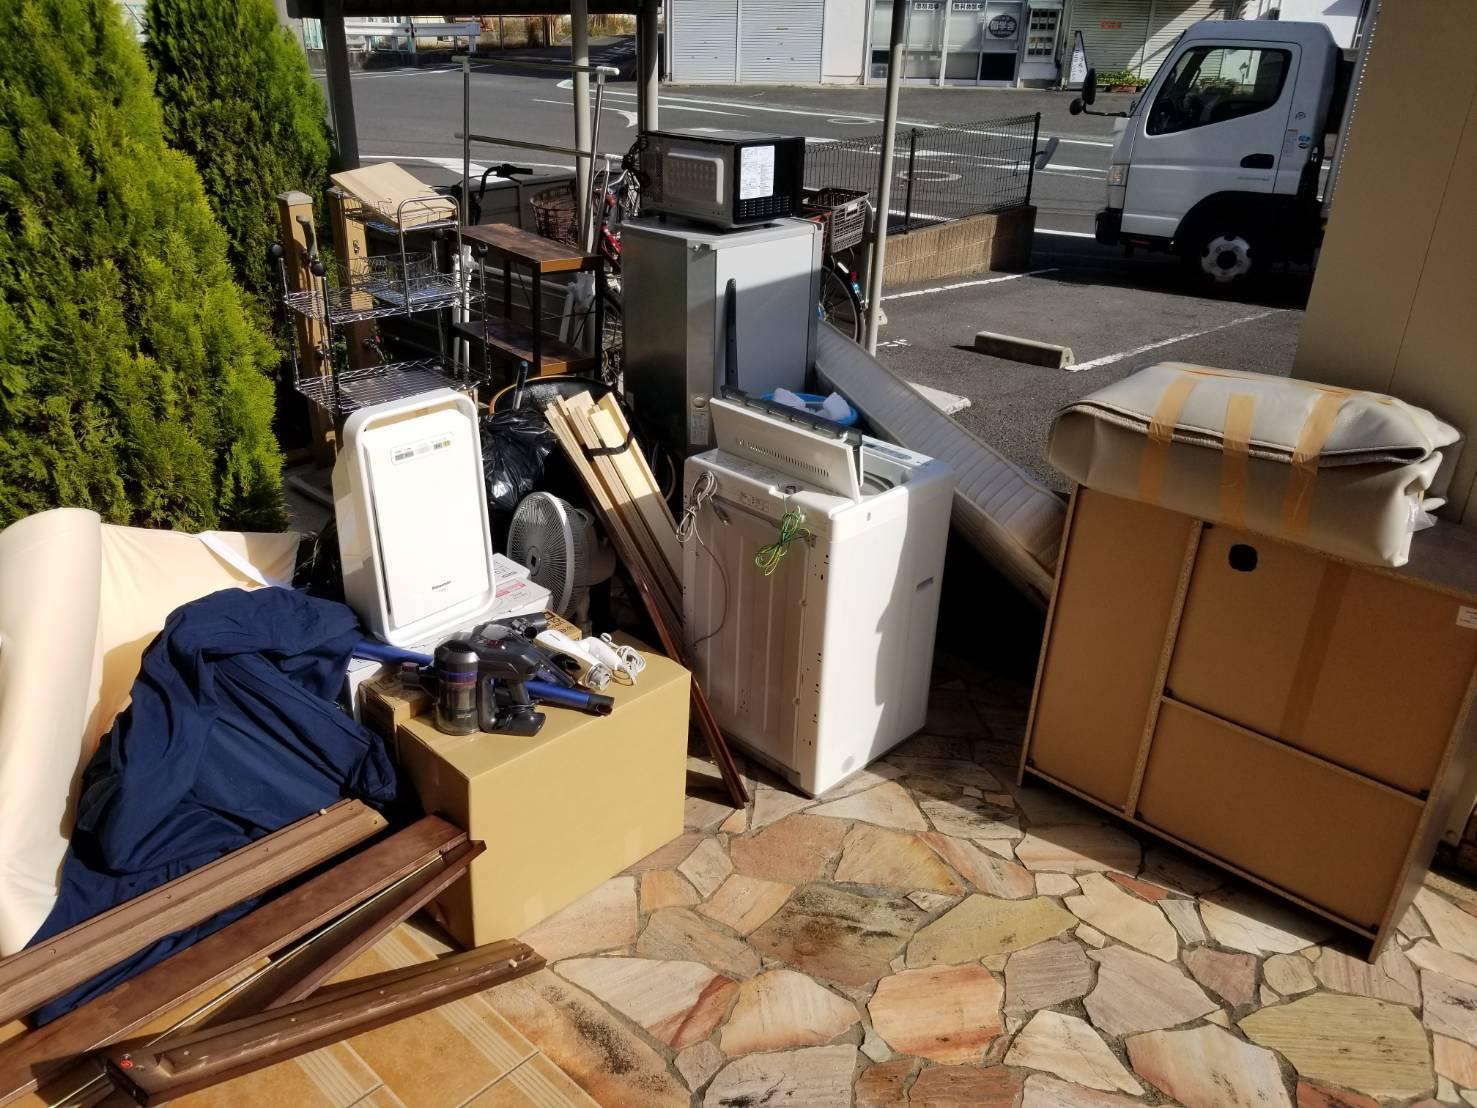 洗濯機、冷蔵庫、電子レンジ、スチールラックの回収前